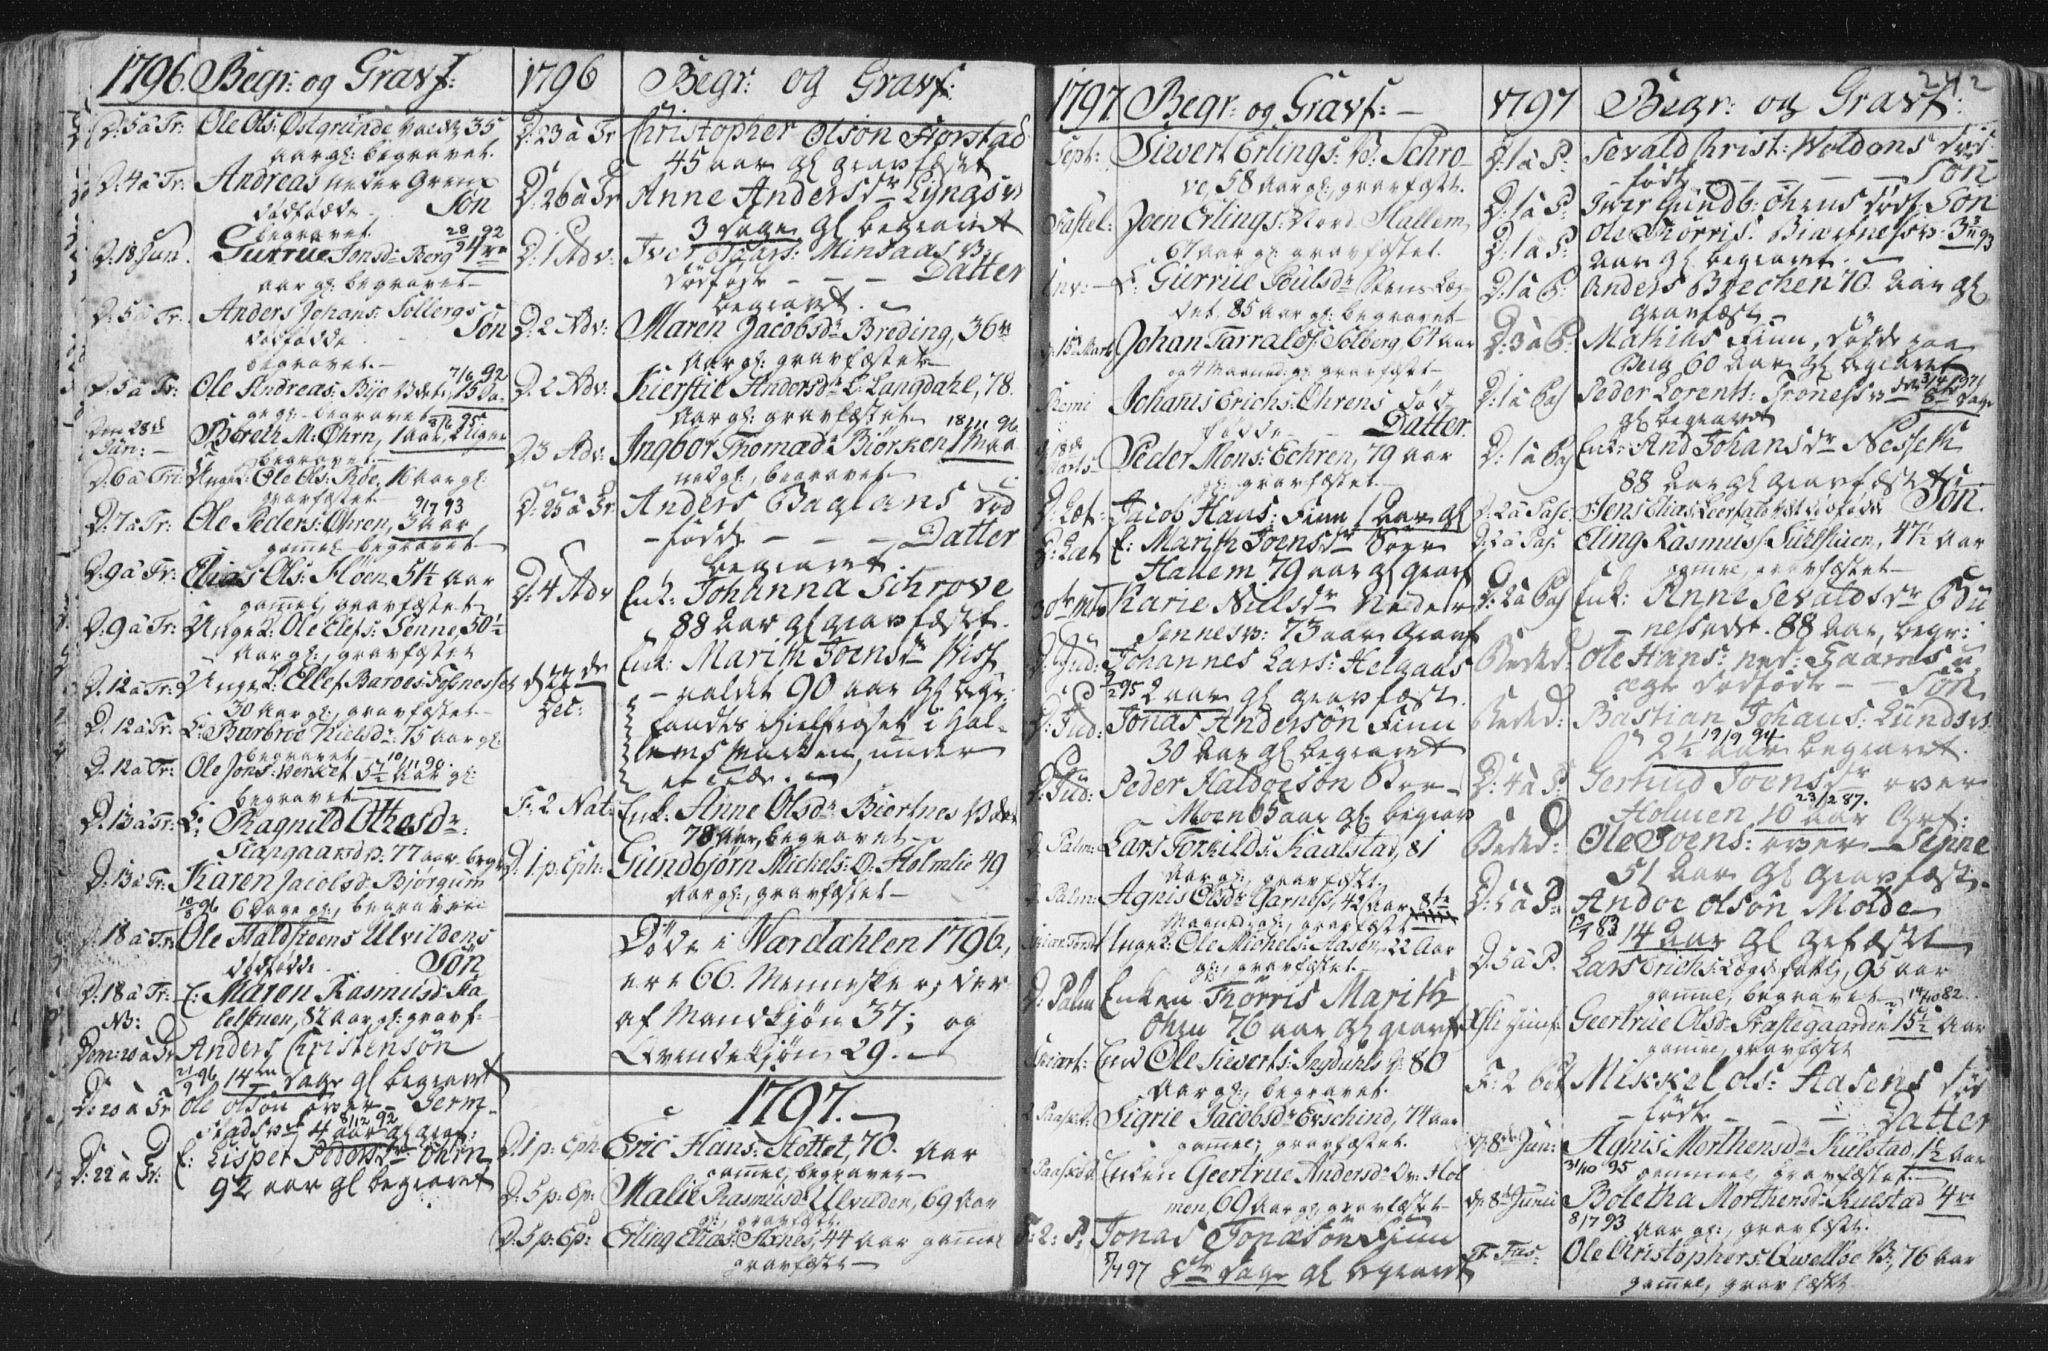 SAT, Ministerialprotokoller, klokkerbøker og fødselsregistre - Nord-Trøndelag, 723/L0232: Ministerialbok nr. 723A03, 1781-1804, s. 242